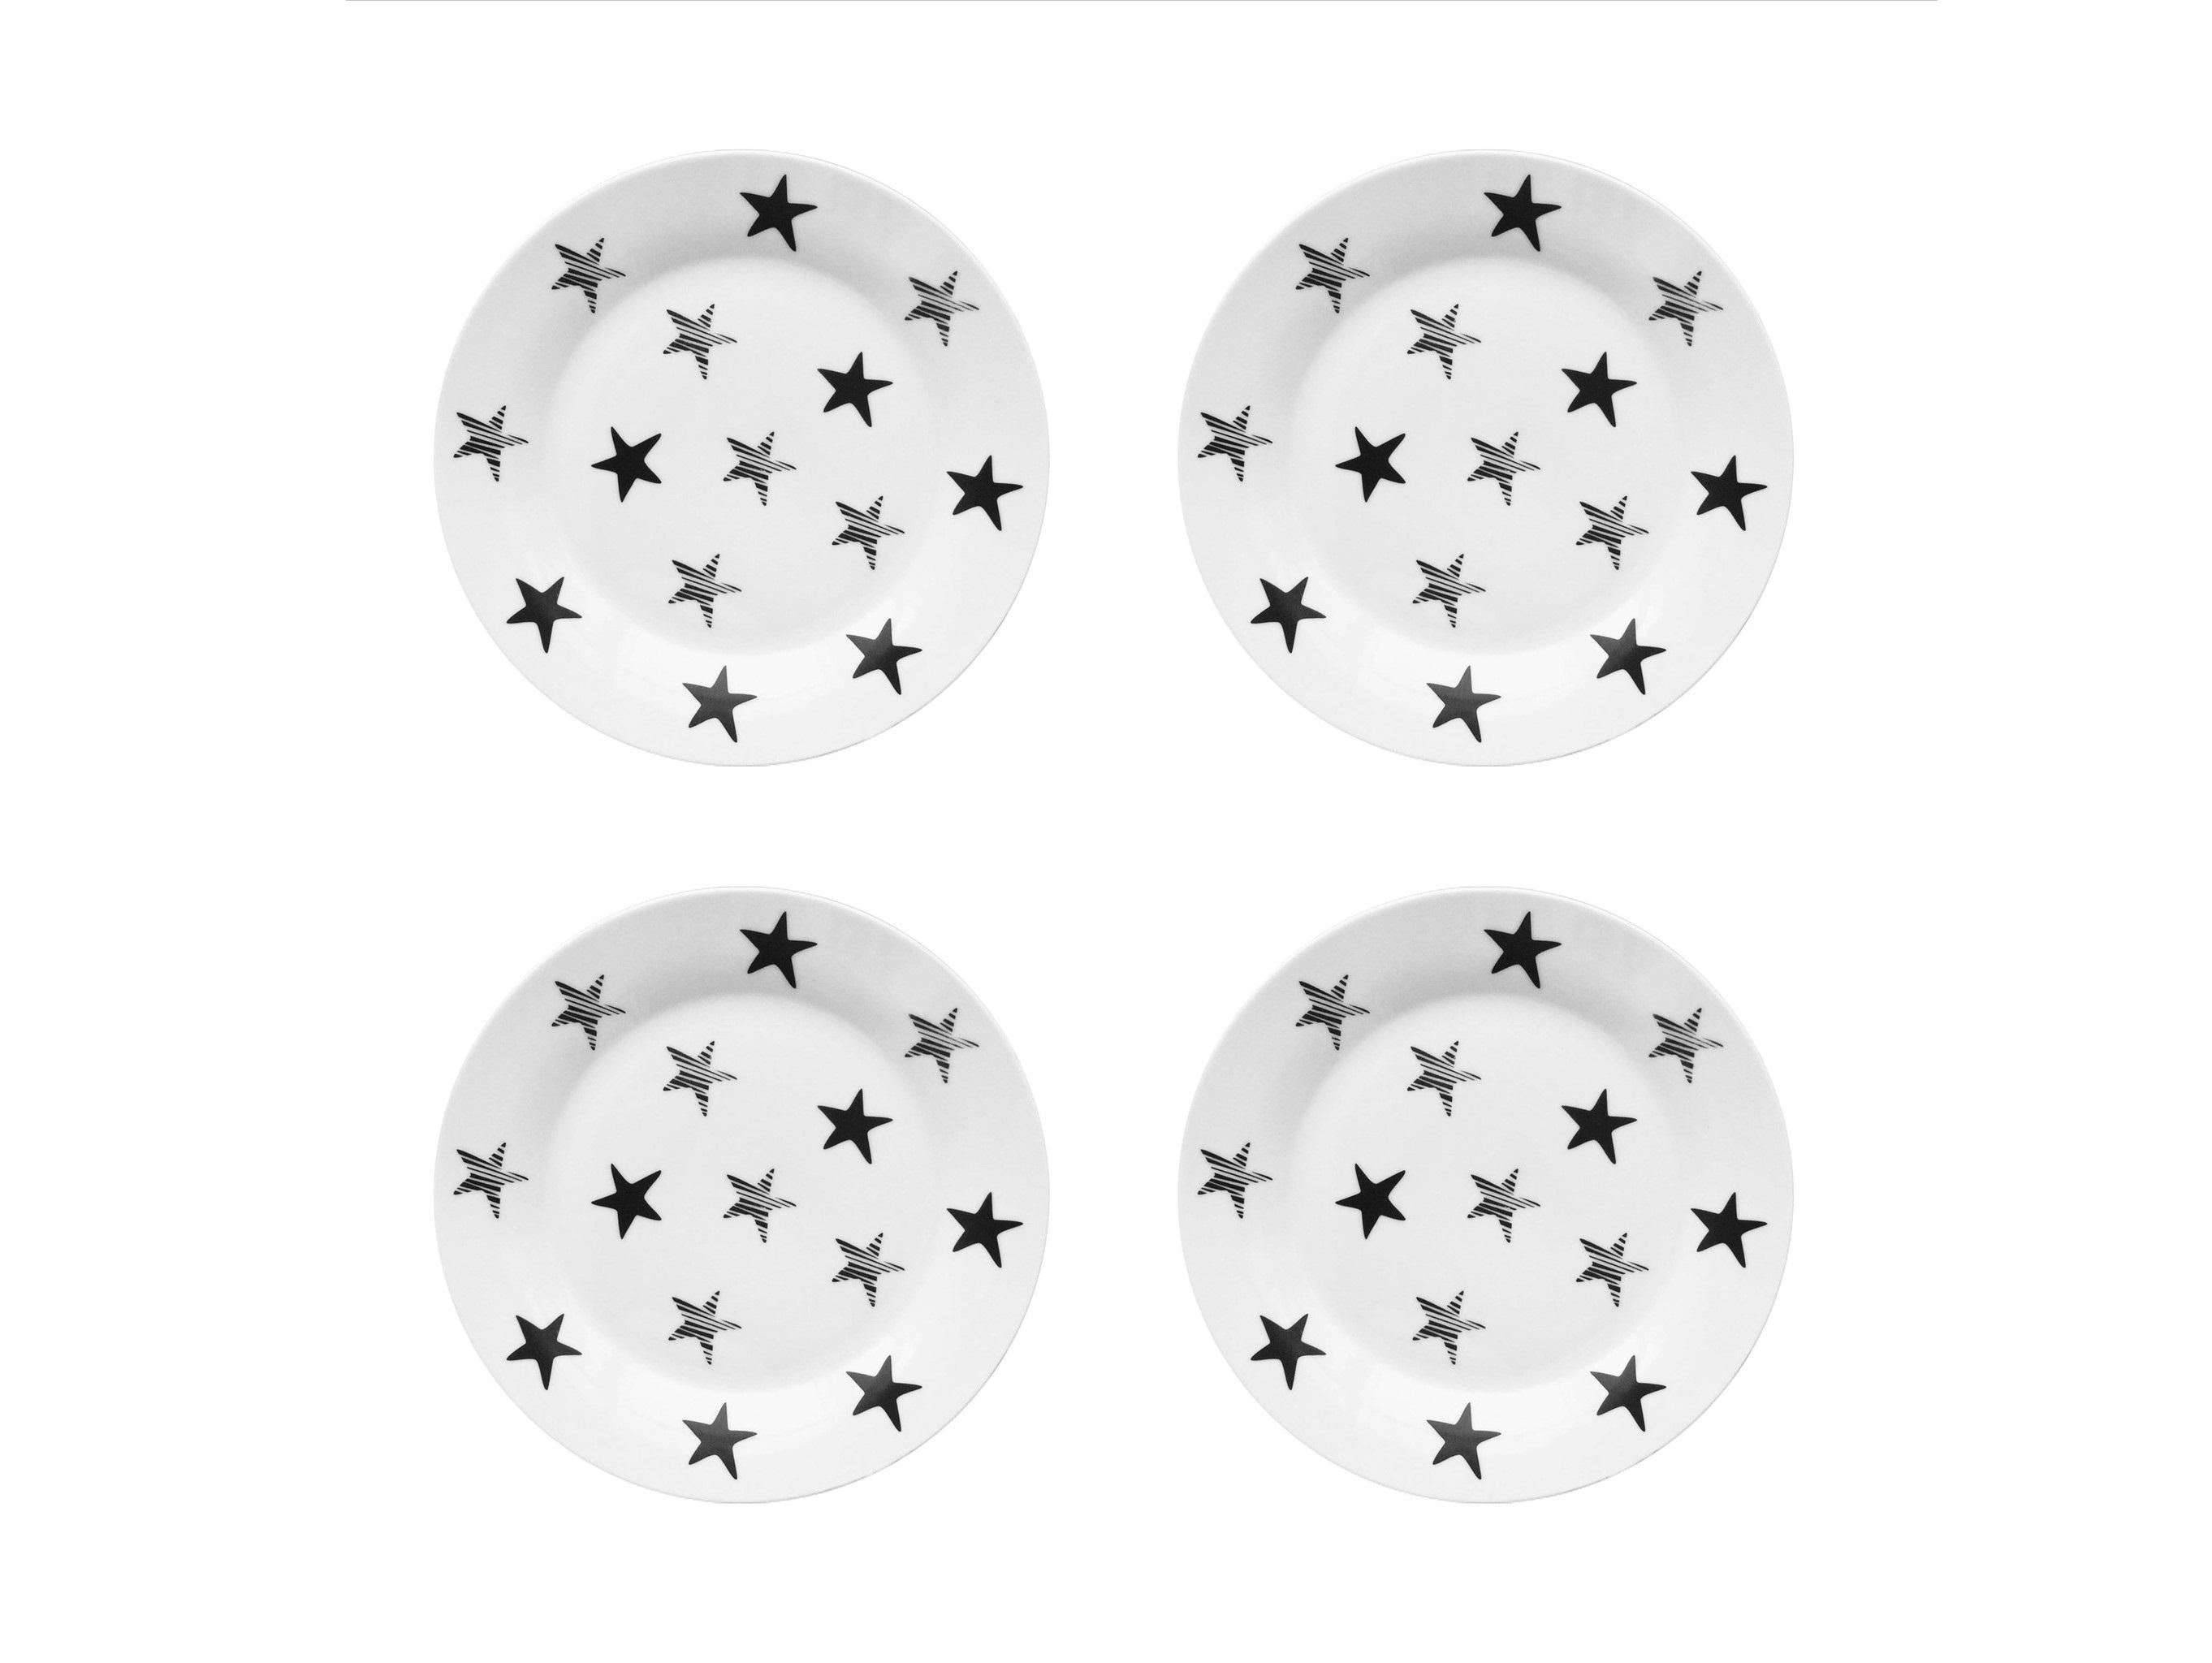 Набор тарелок My Little Star Vol.2 (4 шт)Тарелки<br>Посуду можно использовать в микроволновой печи и посудомоечной машине.&amp;lt;div&amp;gt;В комплект входят: Тарелка 20 см - 4 шт.&amp;lt;/div&amp;gt;<br><br>Material: Фарфор